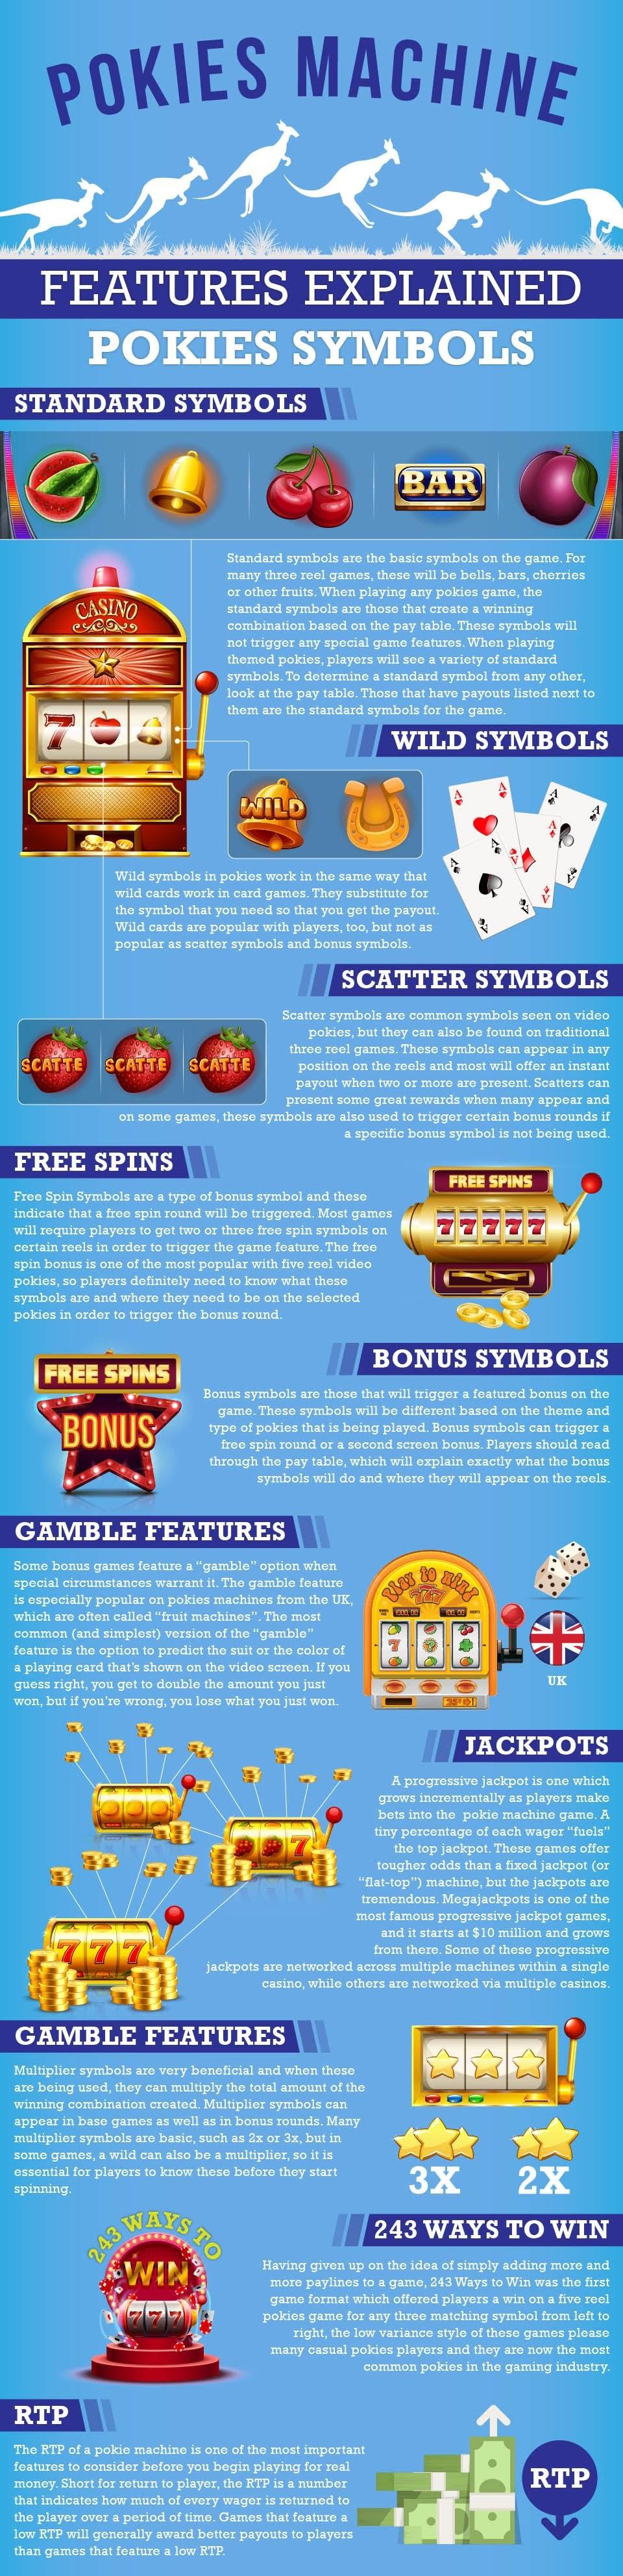 Best Features of Australian Pokies #infographic